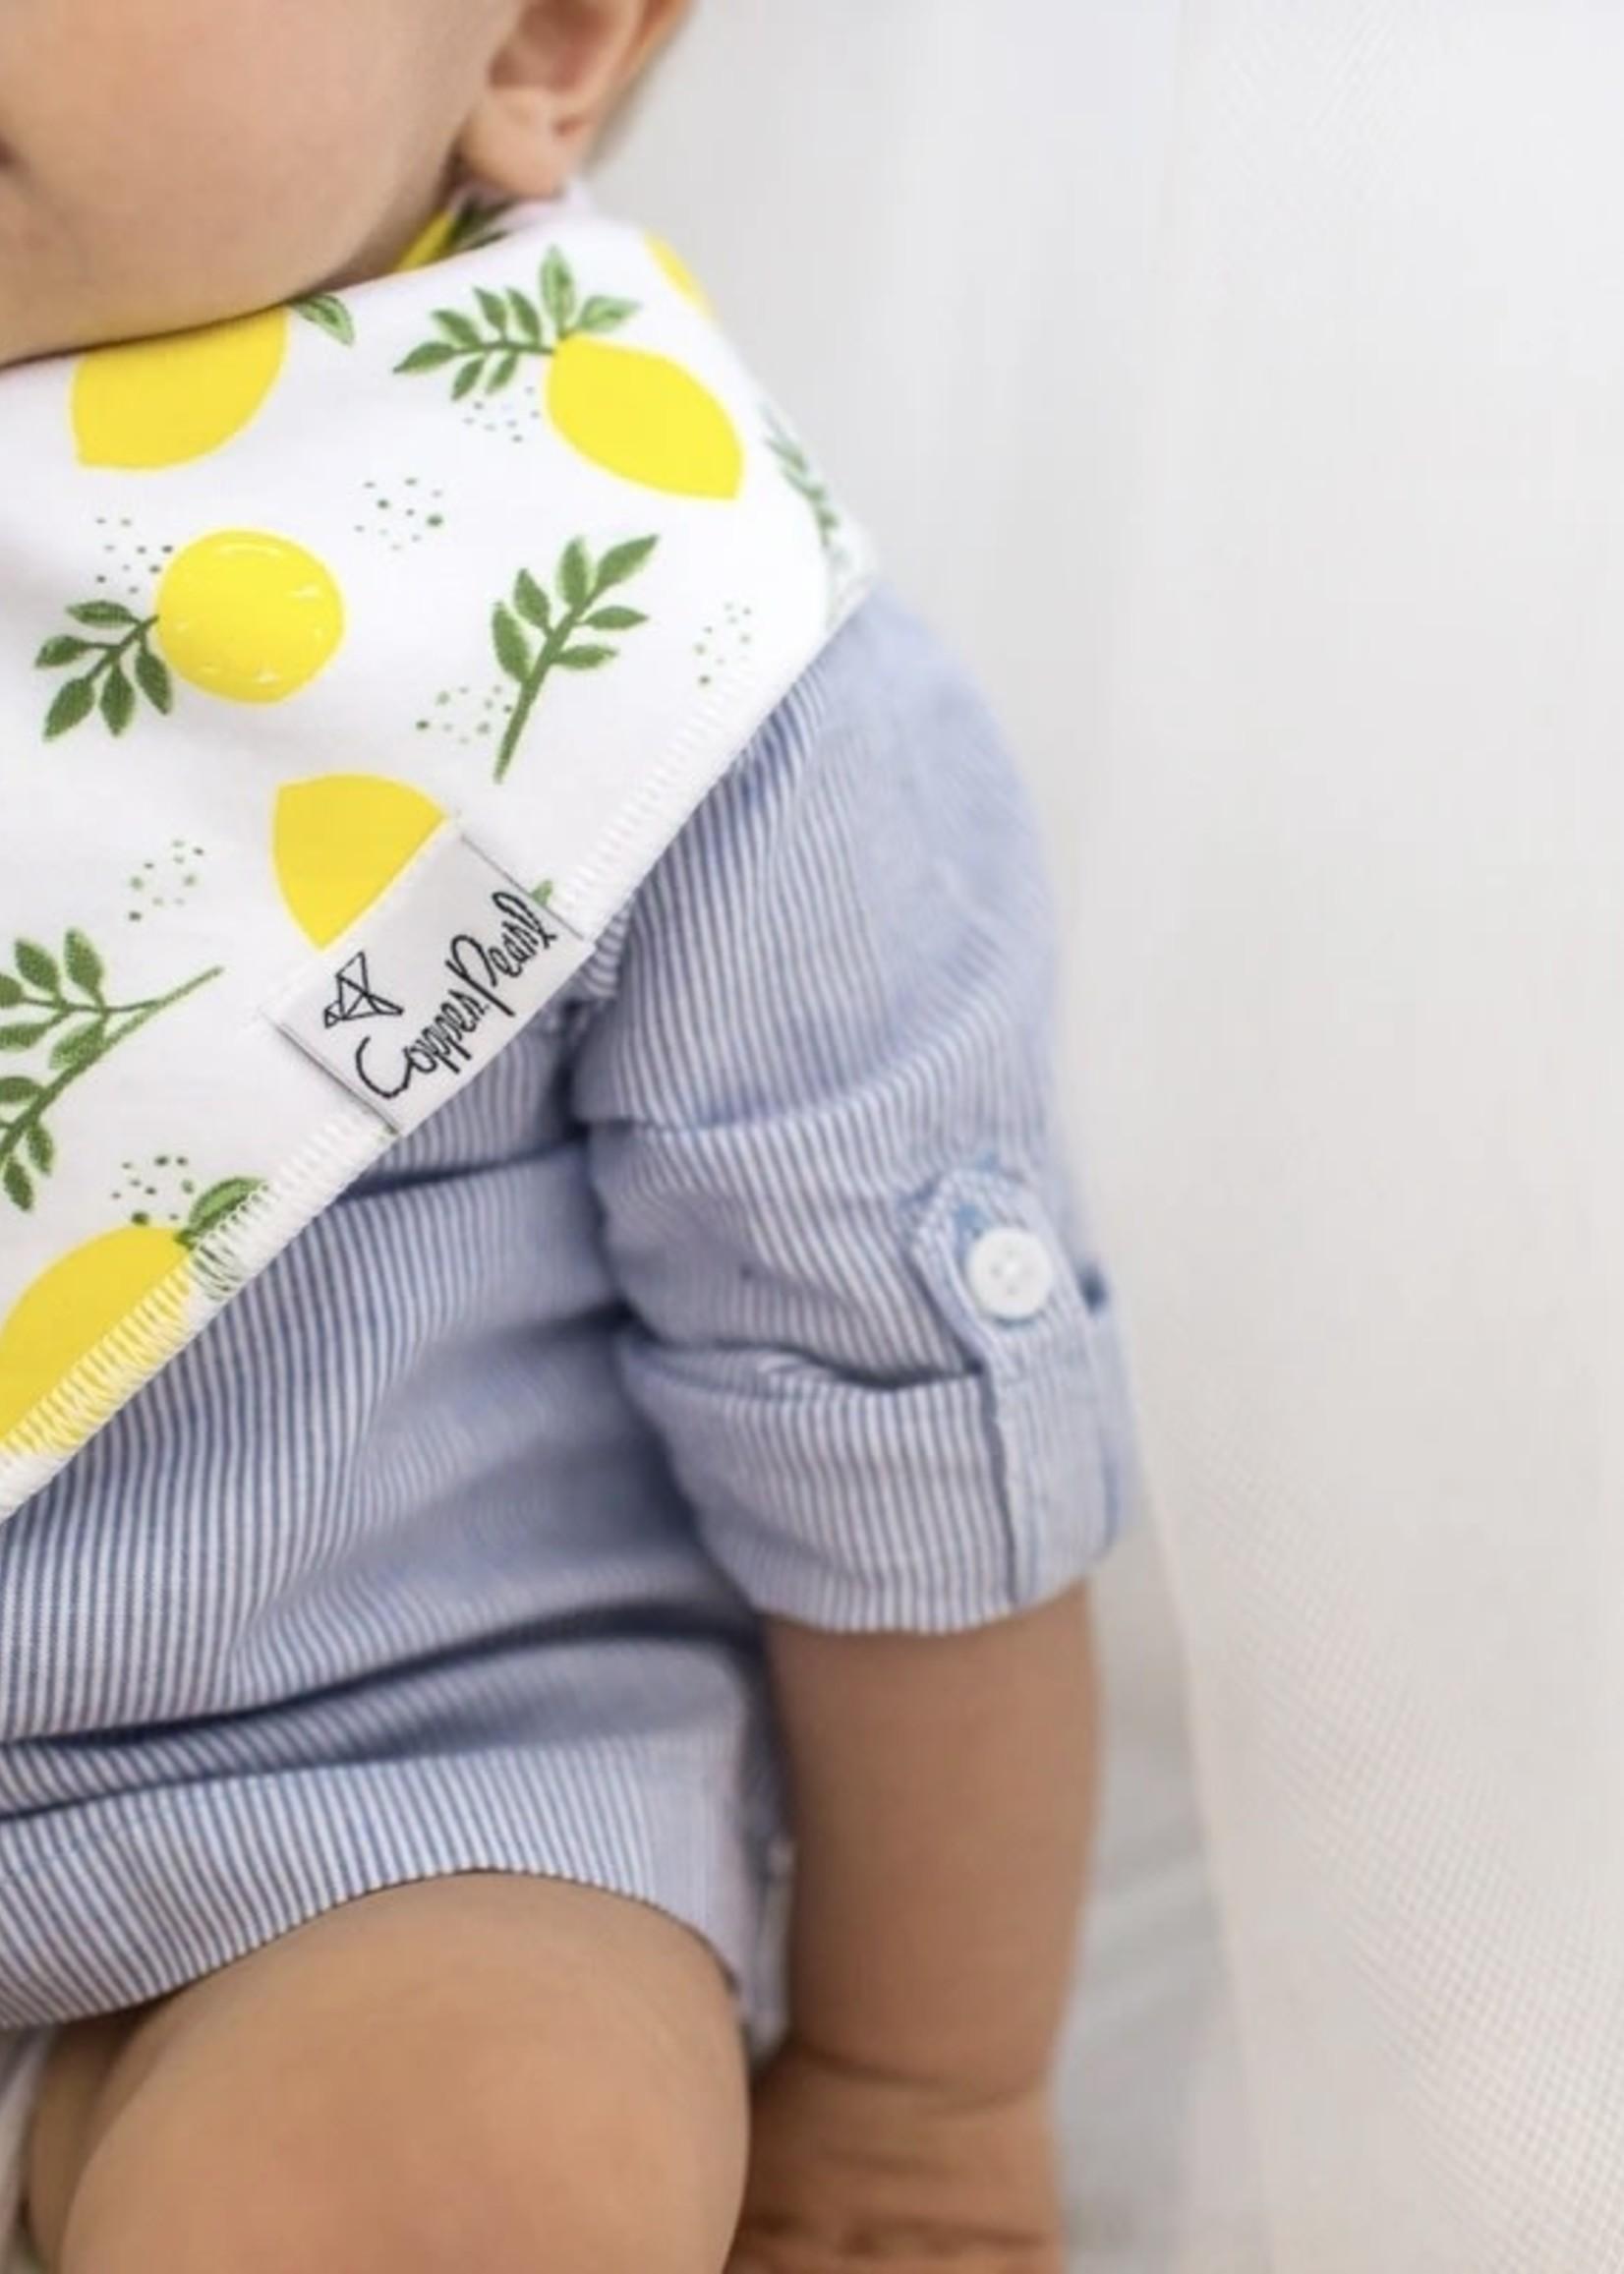 COPPER PEARL 4-pack Baby Bandana Bibs - GEORGIA